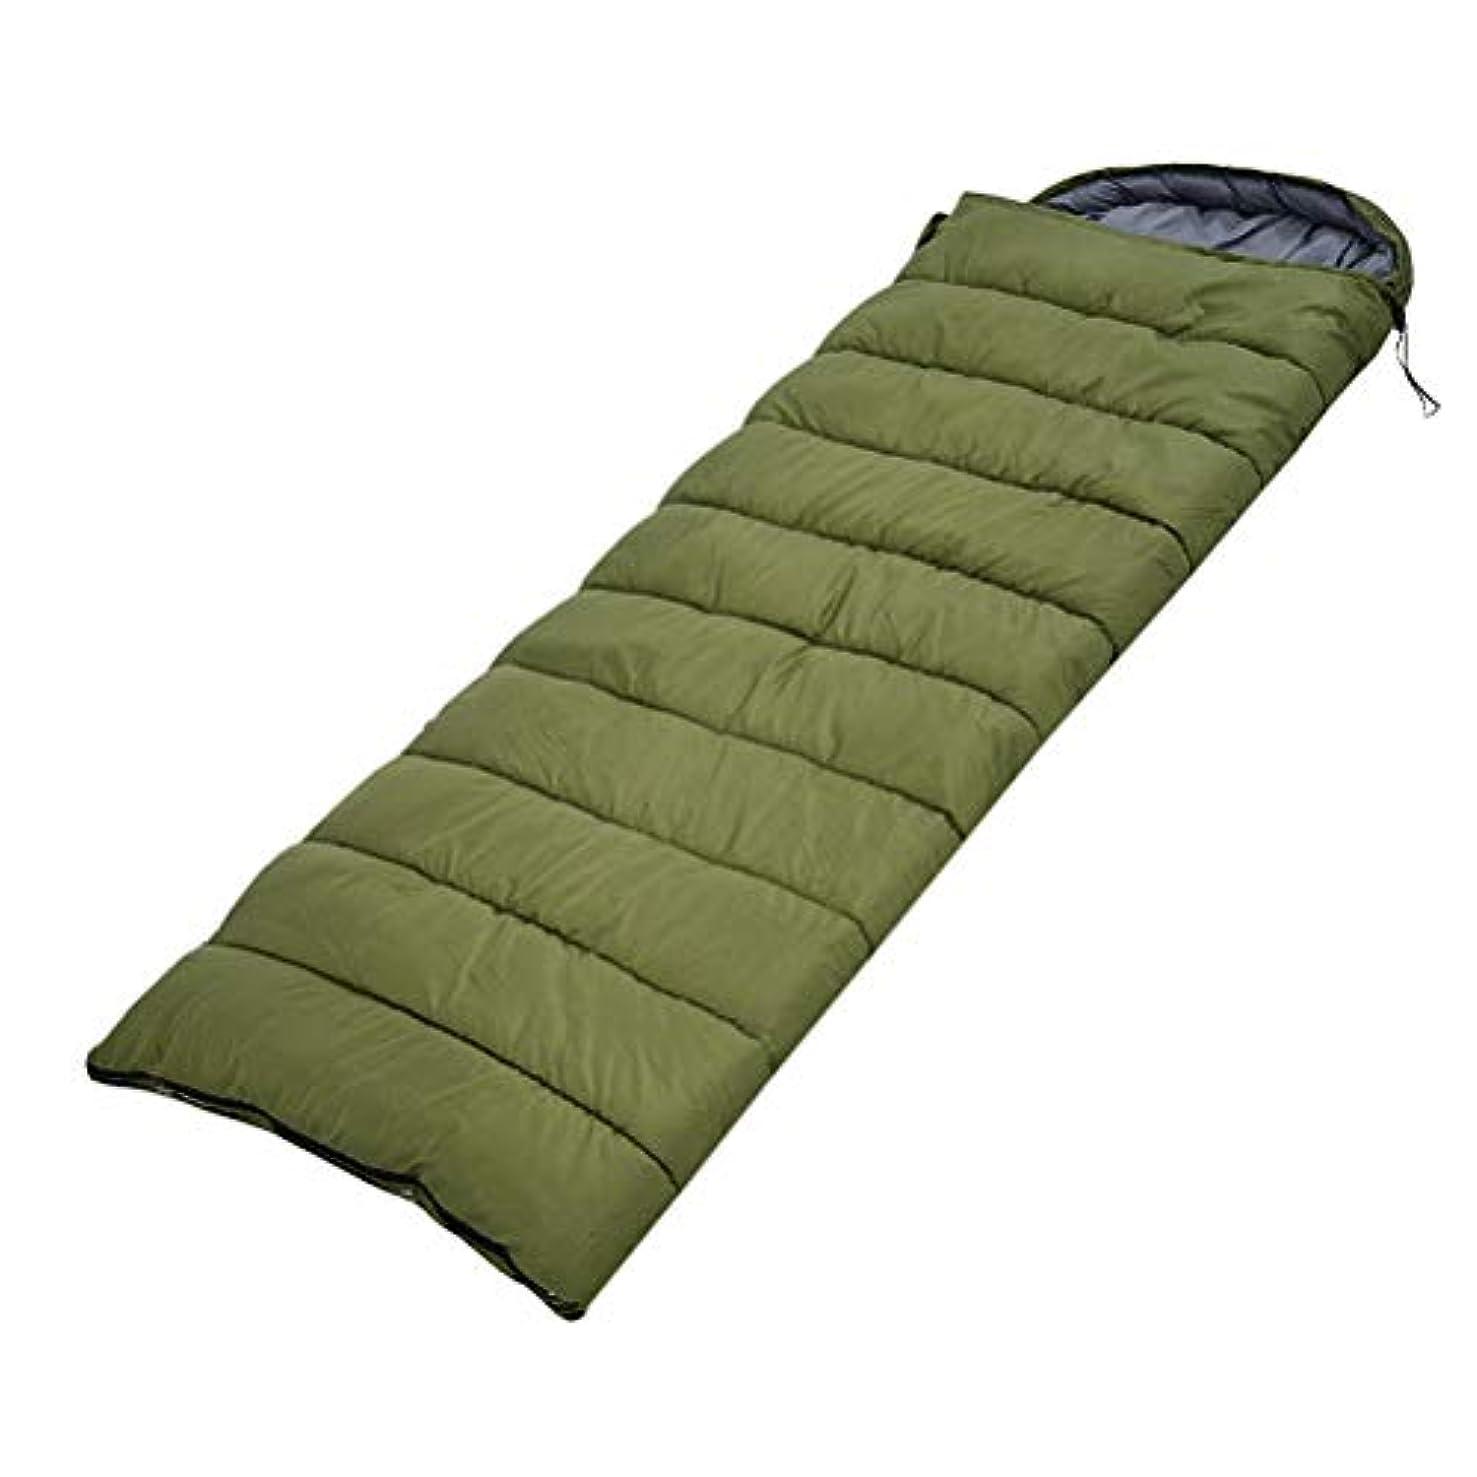 誰でも教義コンプリートエンベロープ寝袋超軽量ポータブル3シーズンバックパックハイキングキャンプ屋内&屋外用大人防水 - 無料のコンプレッサーバッグを含む!